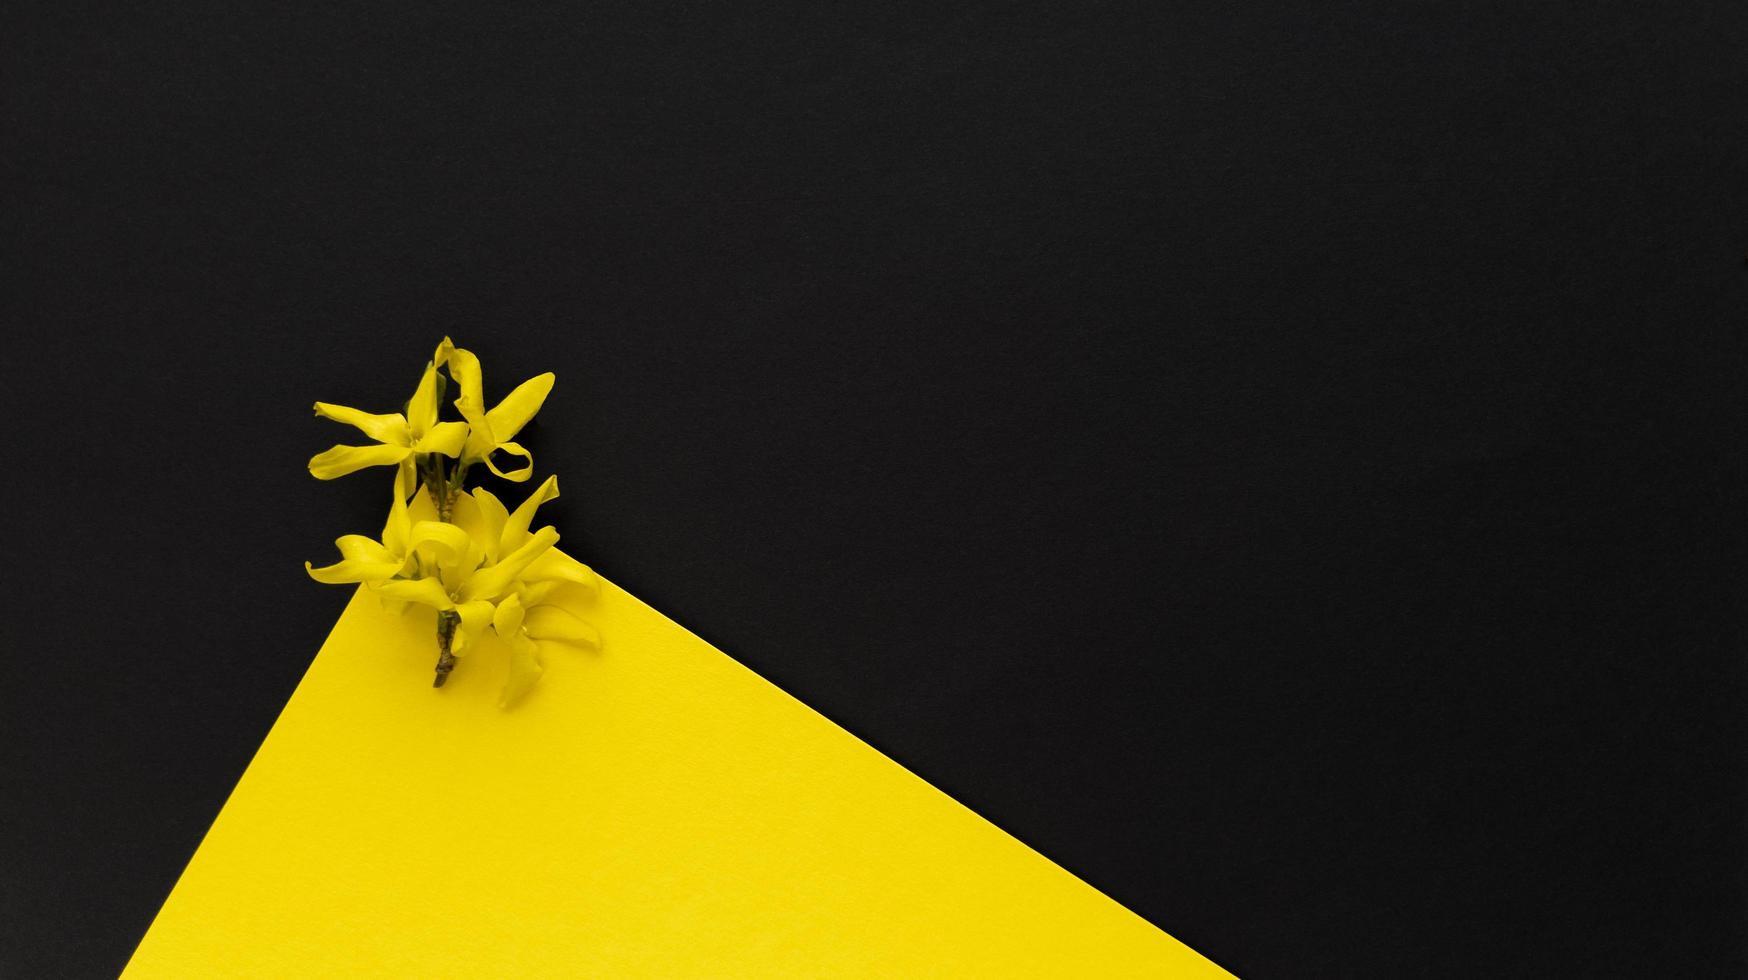 gele bloem forsythia maluch op gele en zwarte achtergrond. eenvoudig plat leggen met pastel textuur en driehoekige vorm. mode eco-concept. Stock foto. foto